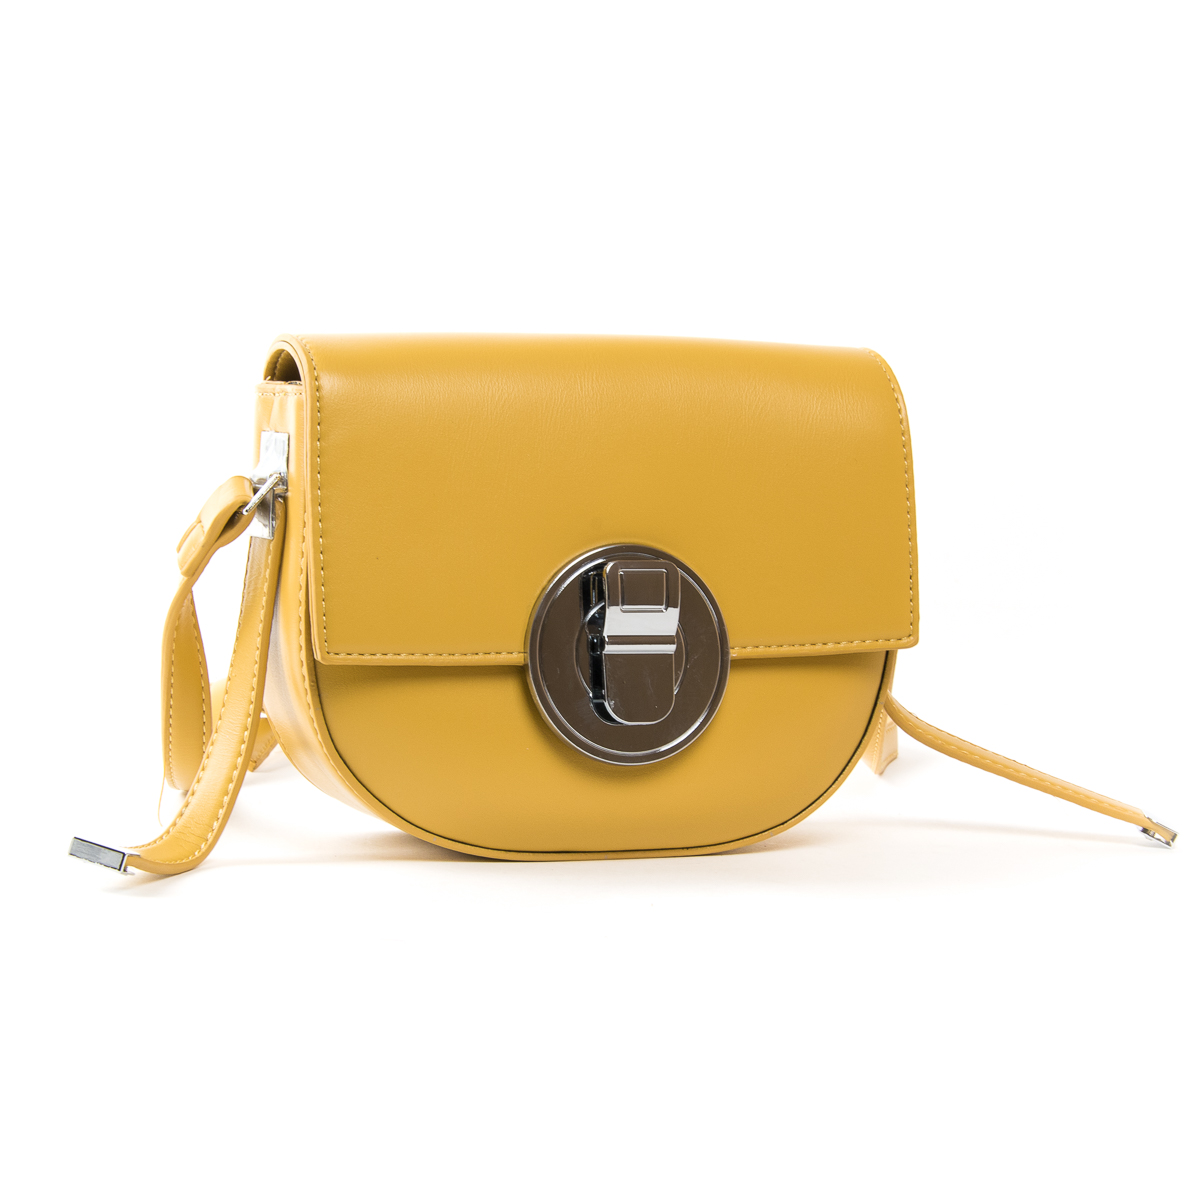 Сумка Женская Классическая иск-кожа FASHION 01-01 F3150 yellow